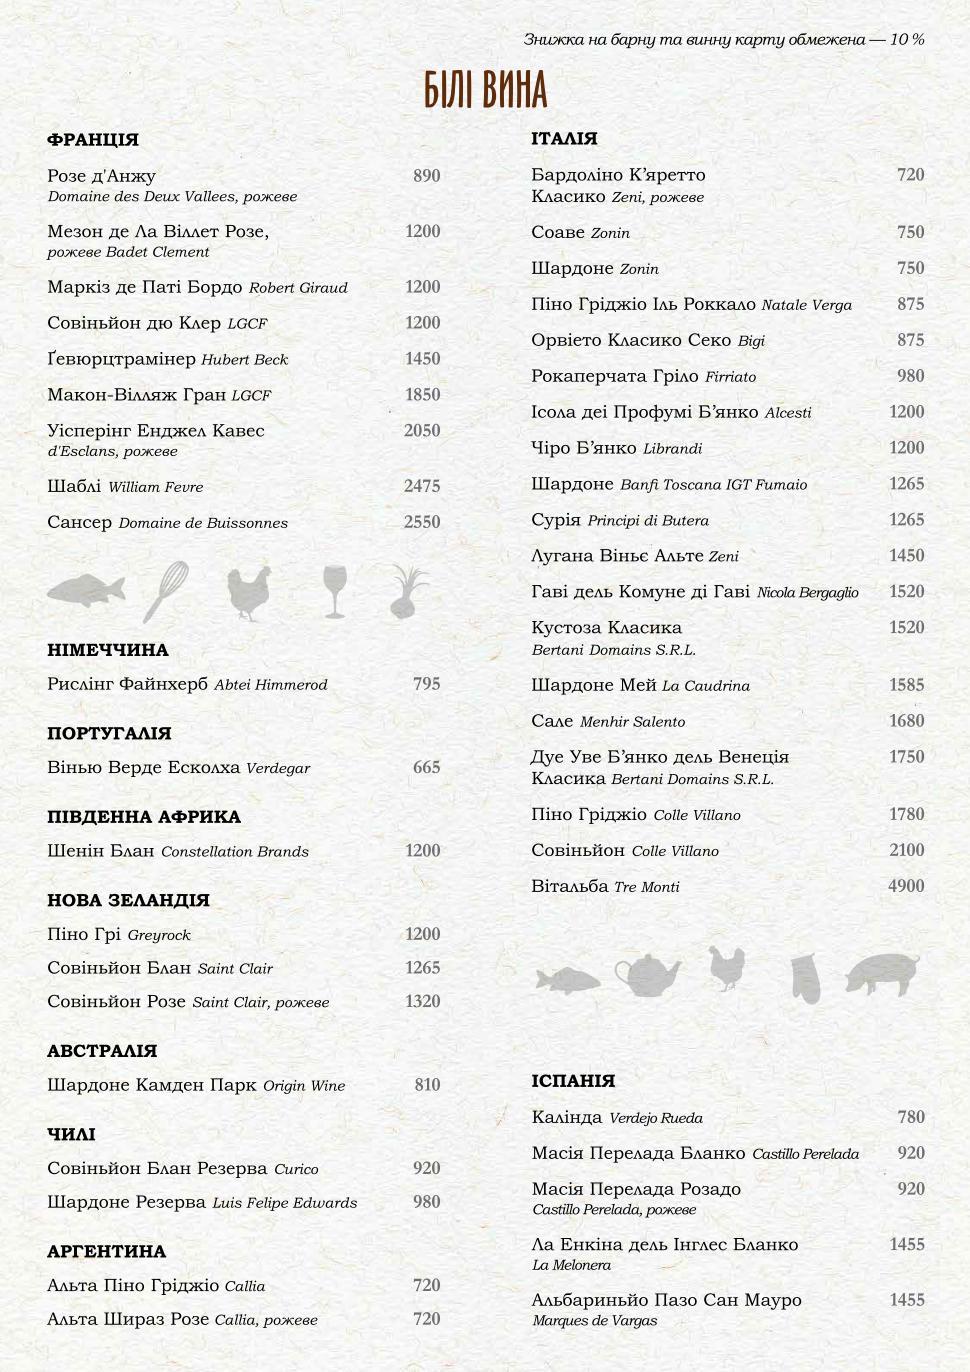 Карта вин ресторана PERETS